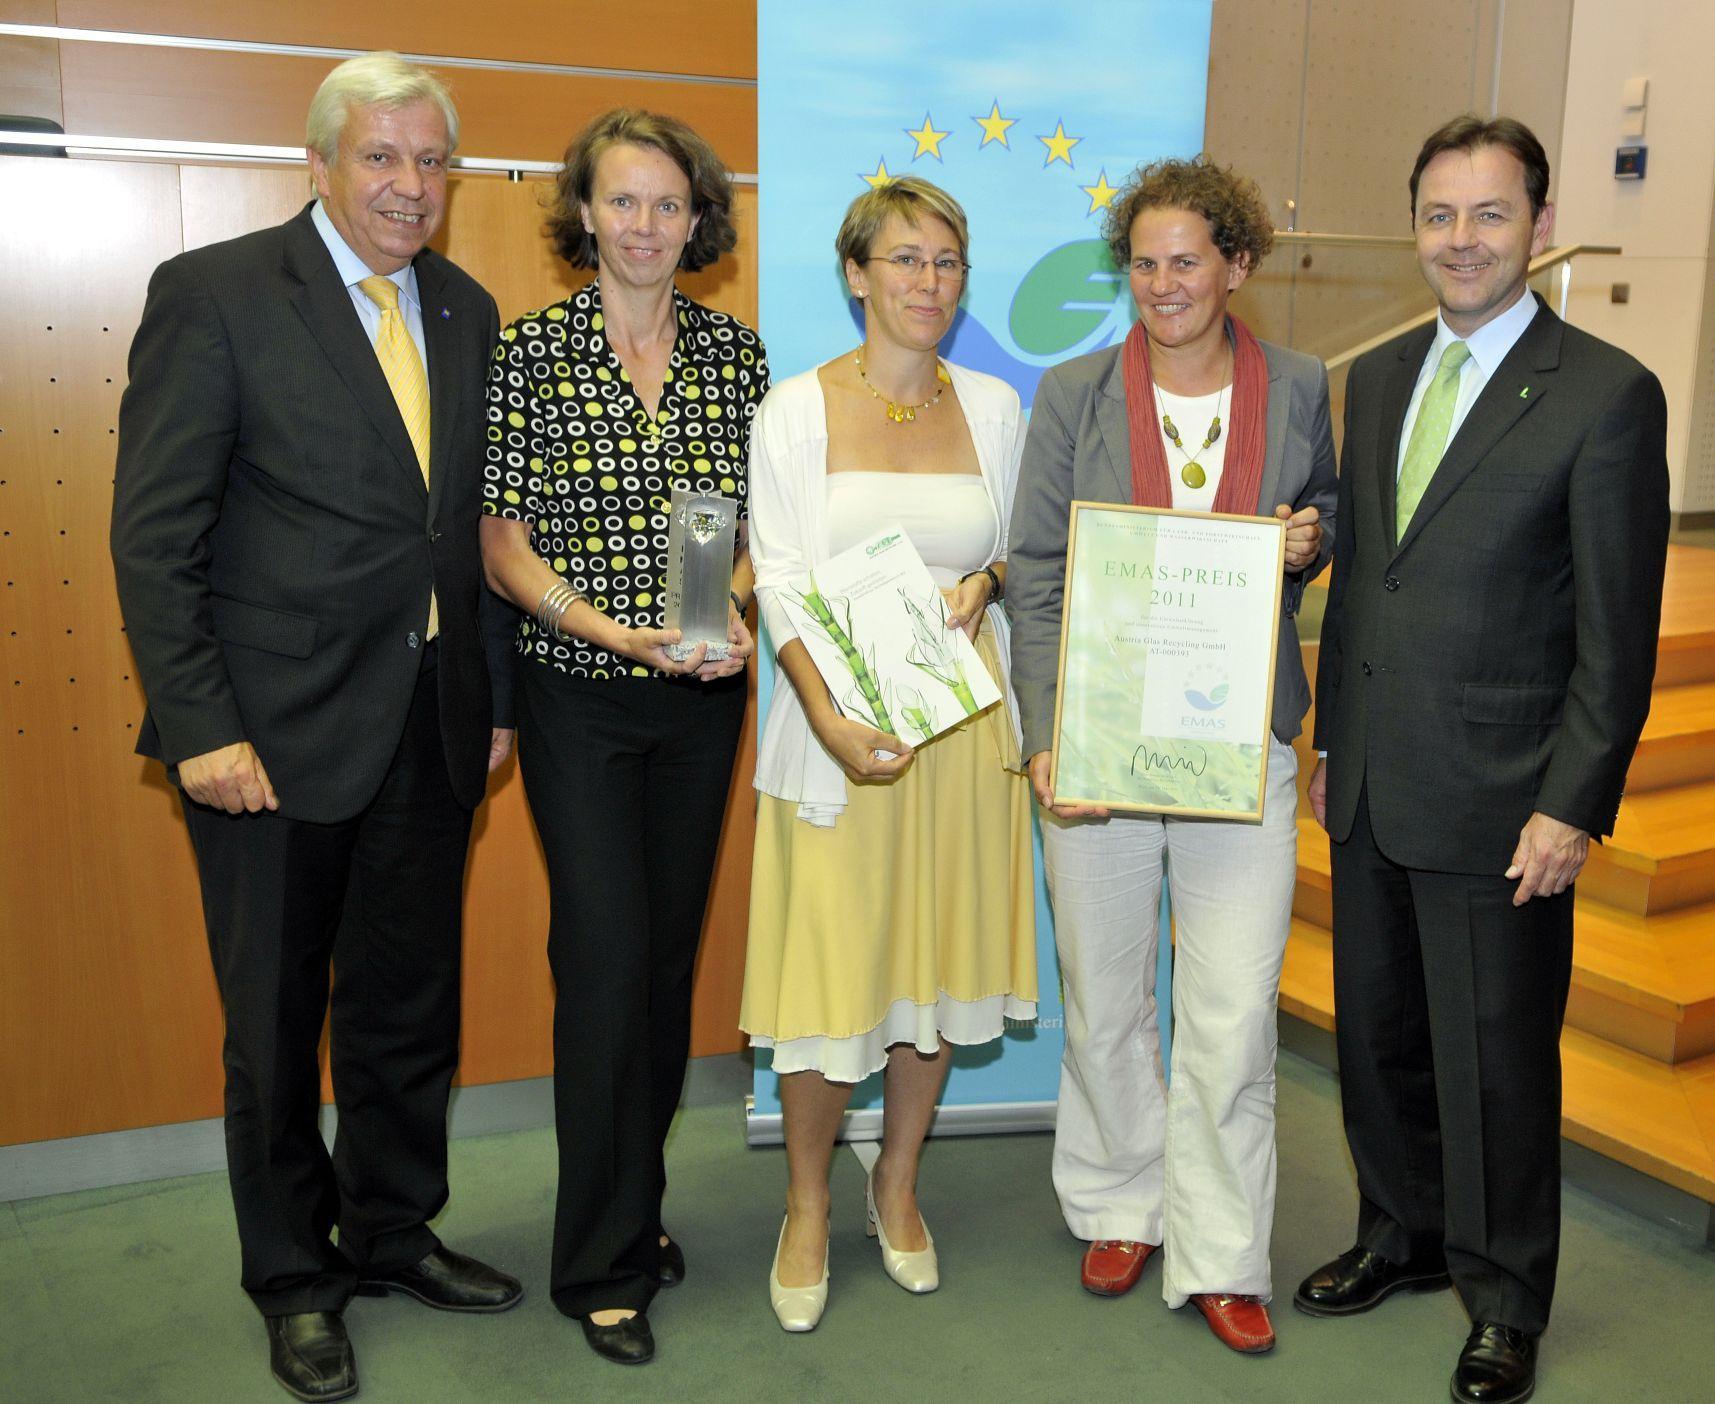 EU-EMAS-Award 2009 für Austria Glas Recycling, v. l. n. r.: Dr. Herbert Aichinger/Europäische Kommission, Monika Piber-Maslo, Ursula Gangel, Sabine Czopka-Pistora/alle AGR, Foto: Umweltbundesamt/Bernhard Gröger)